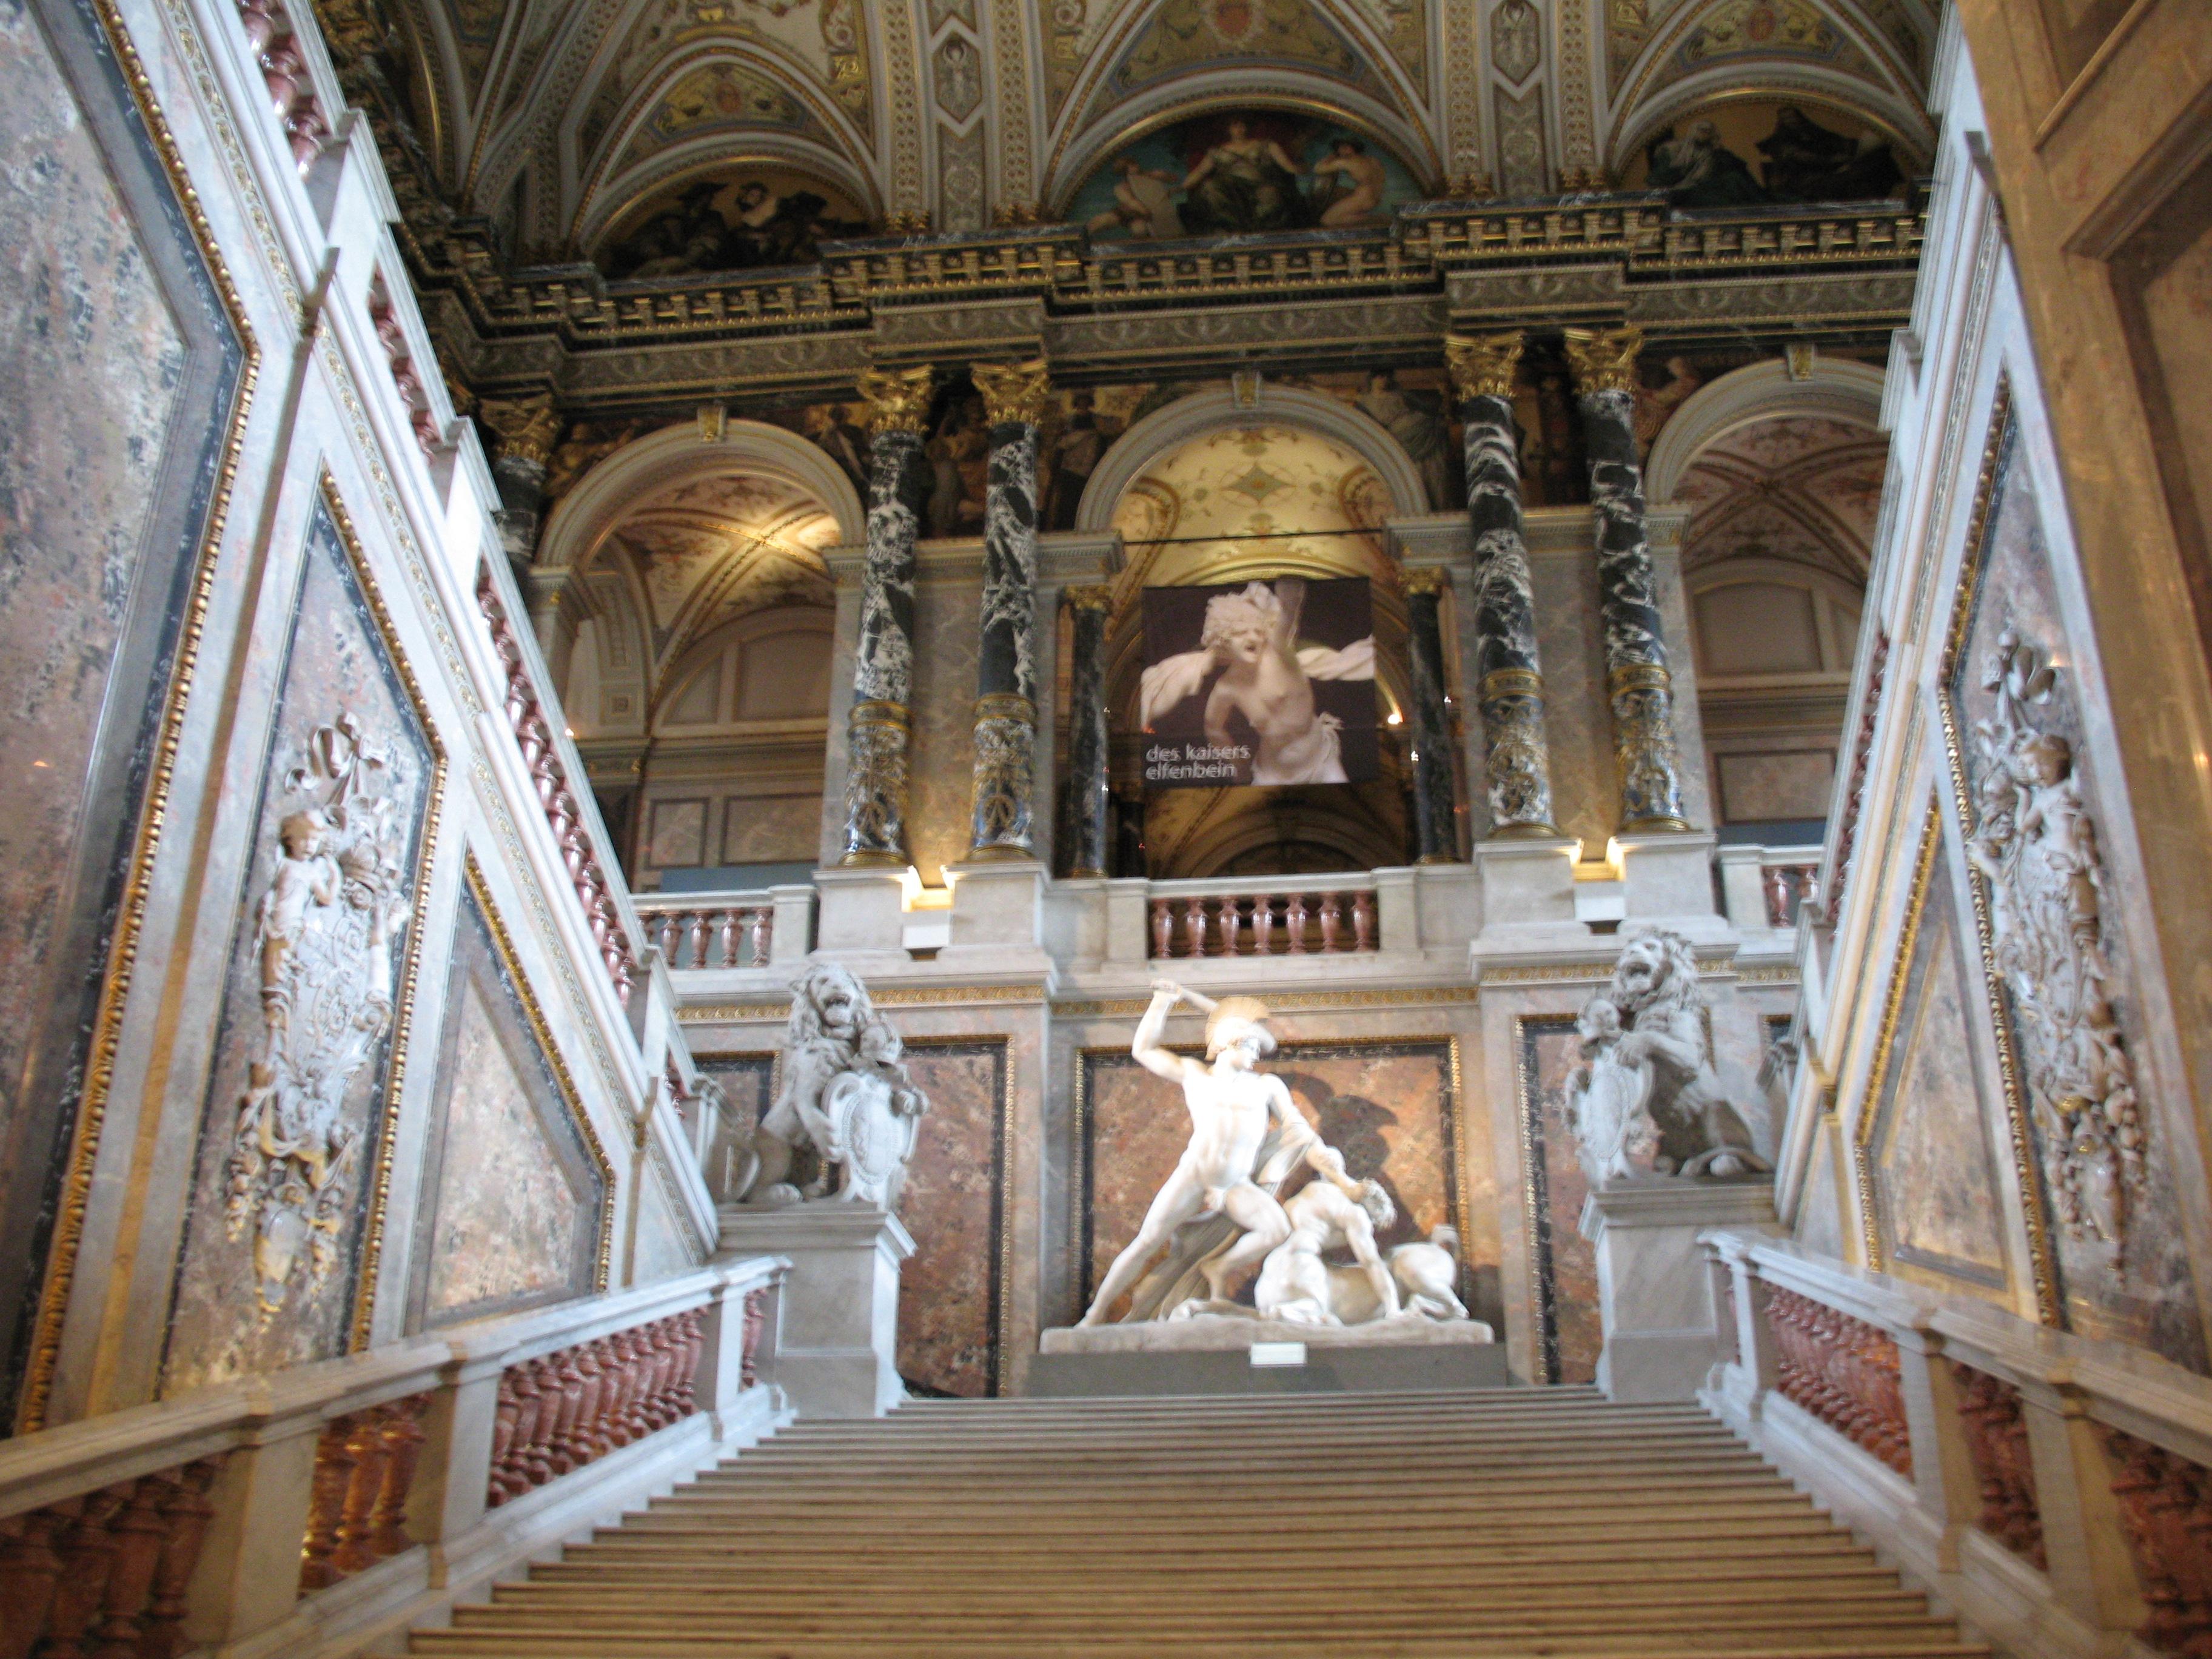 Imagini pentru viena Kunsthistorisches Museum